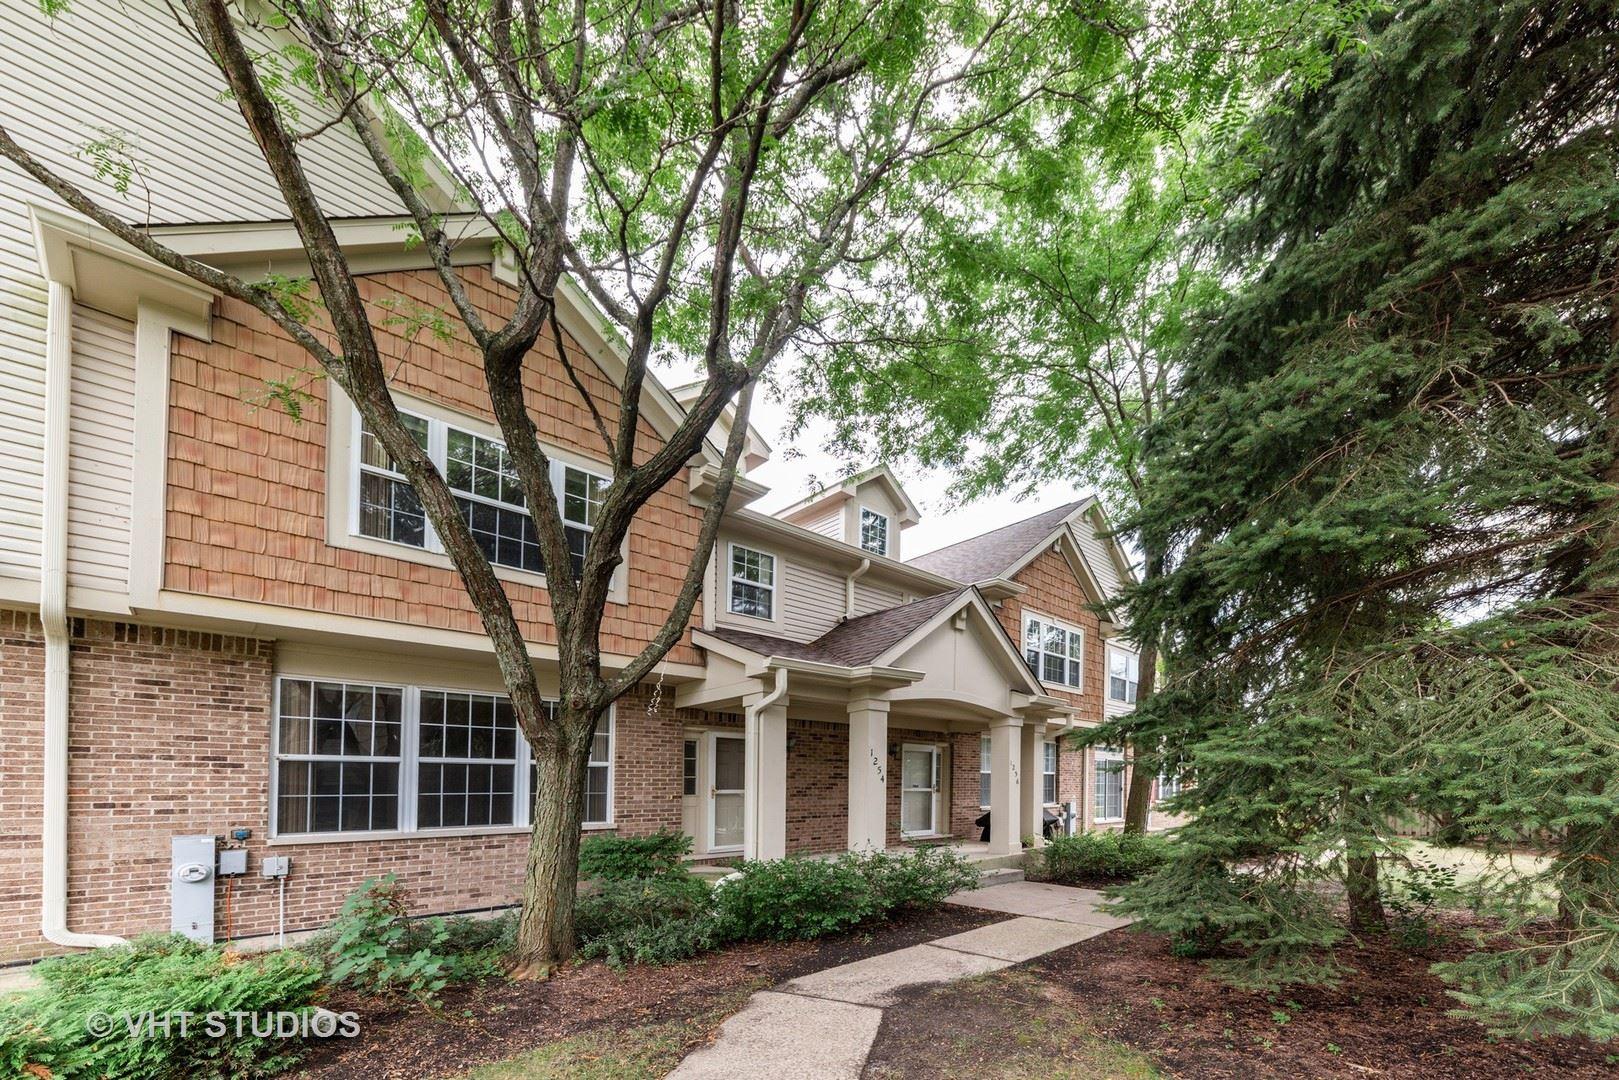 1254 S GEORGETOWN Way #1254, Vernon Hills, IL 60061 - #: 10742540